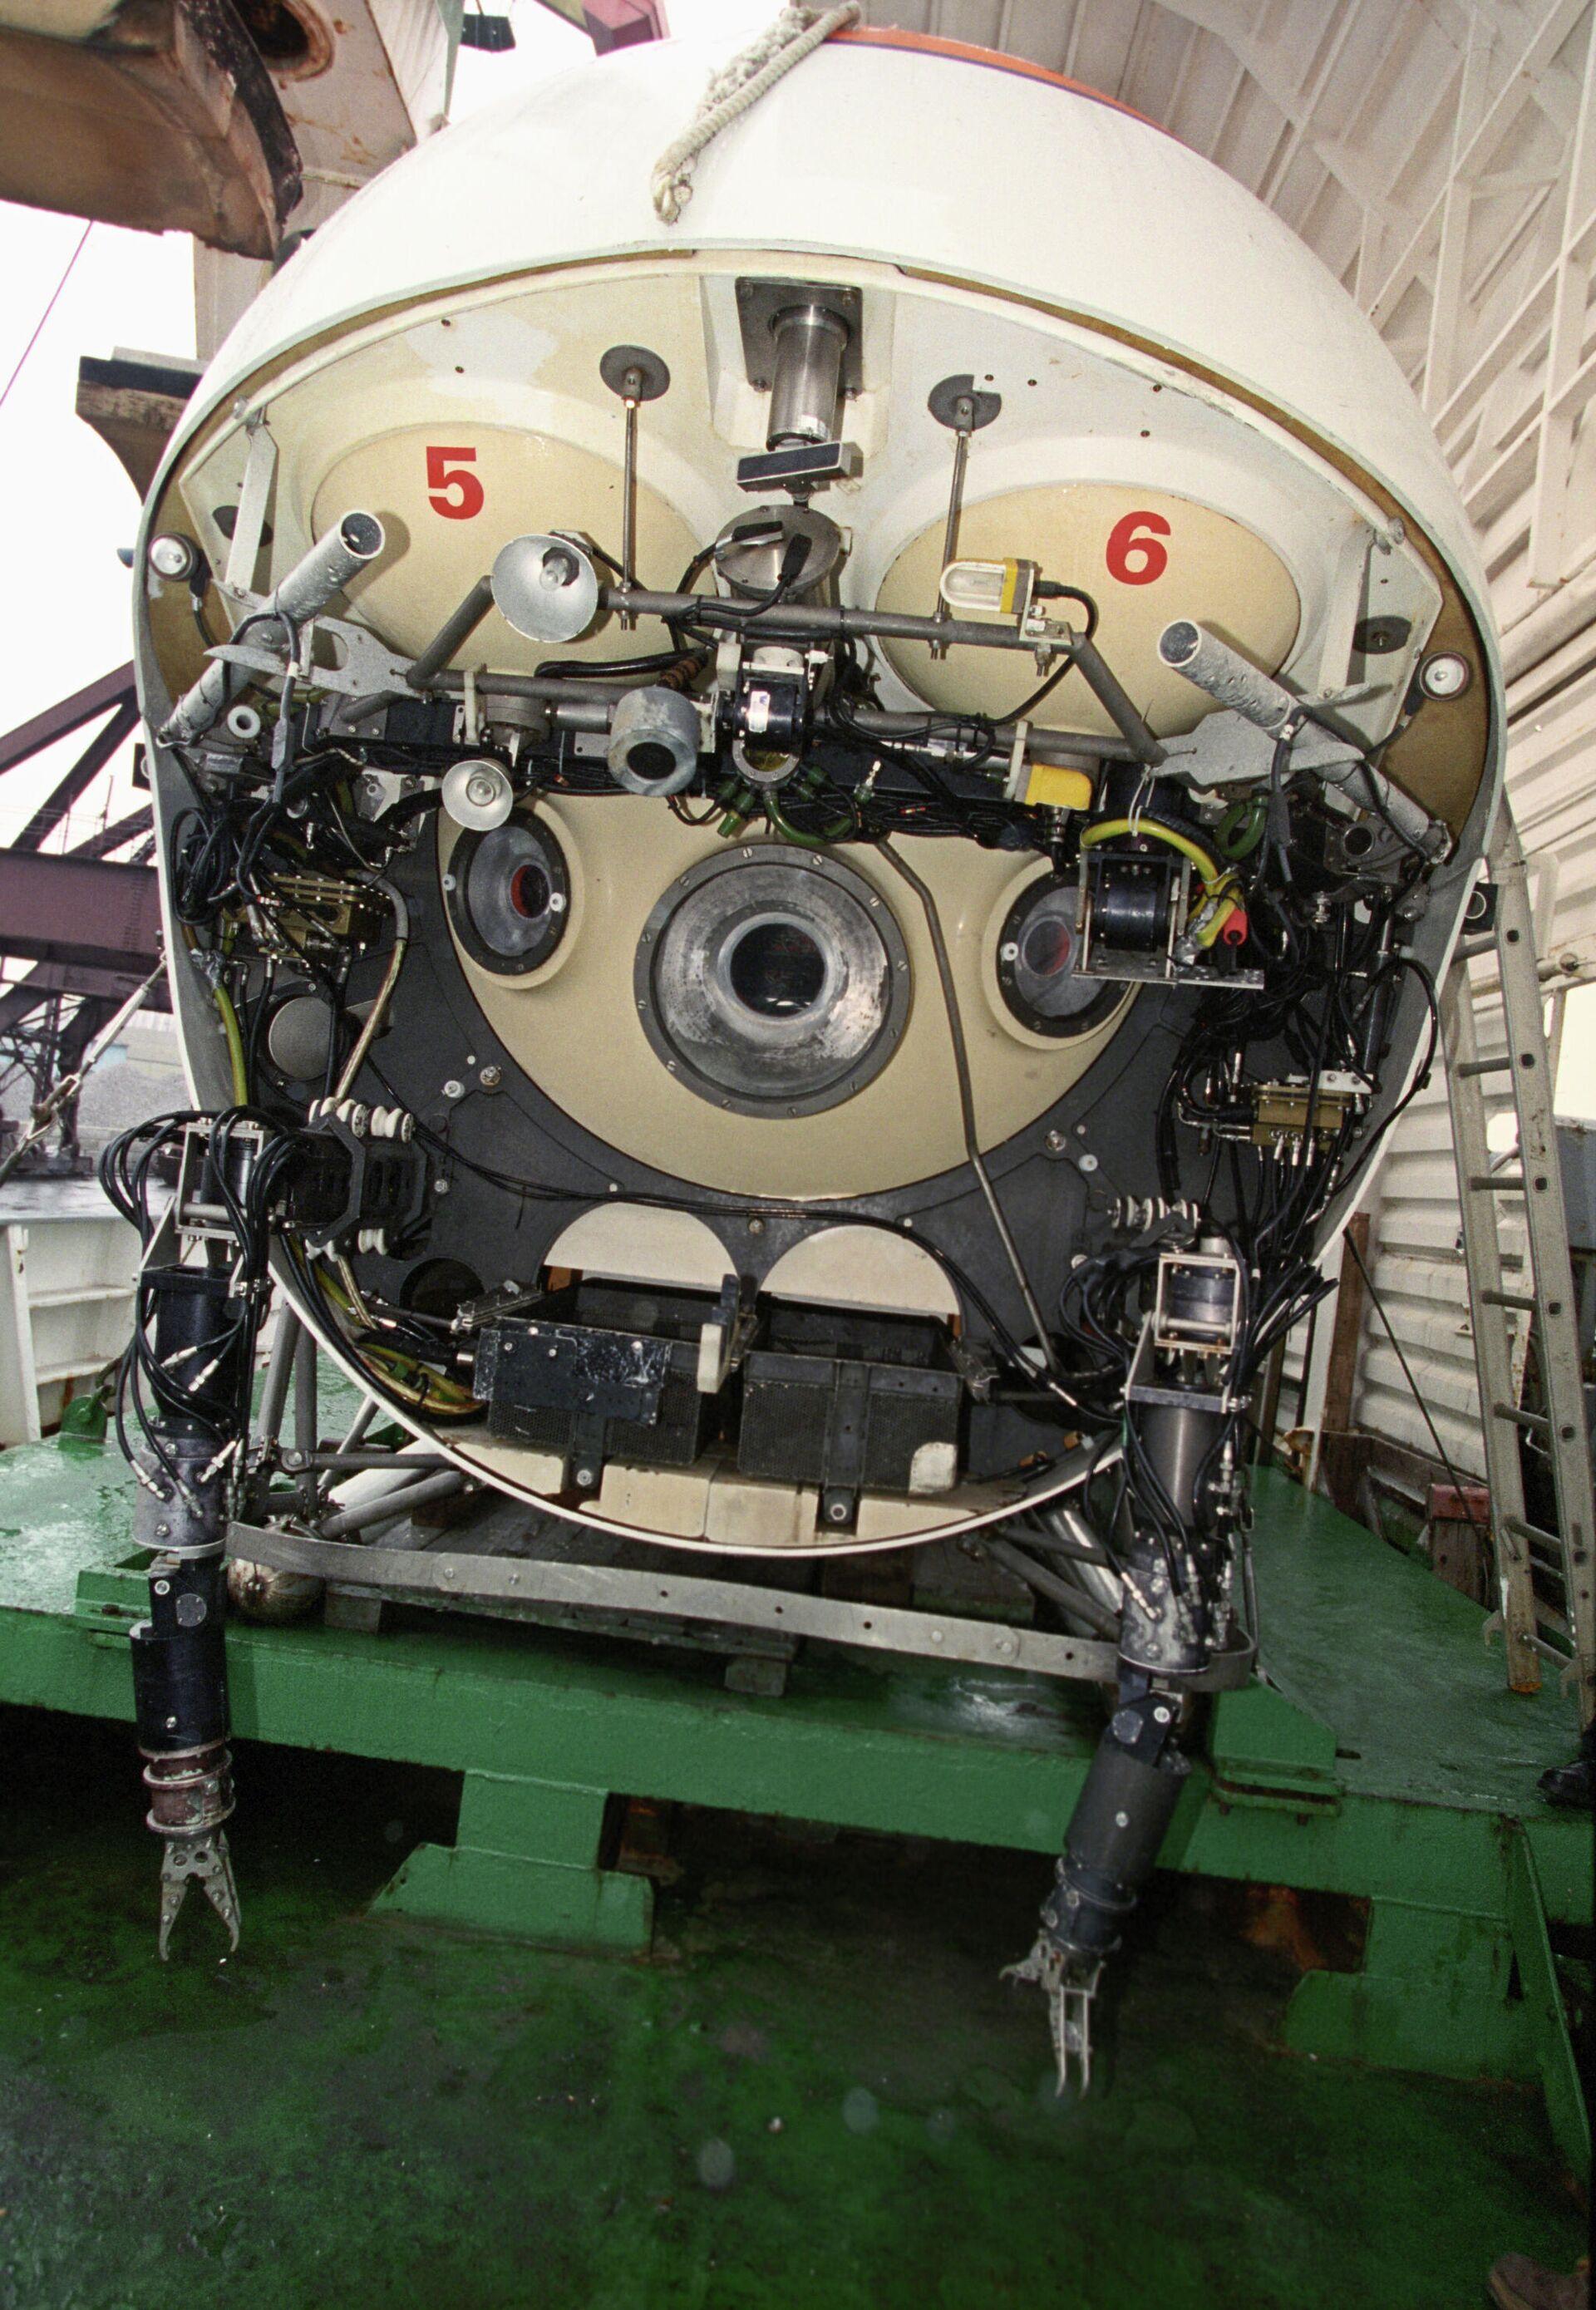 Υποβρύχιο όχημα «Mir»  - Sputnik Ελλάδα, 1920, 08.10.2021